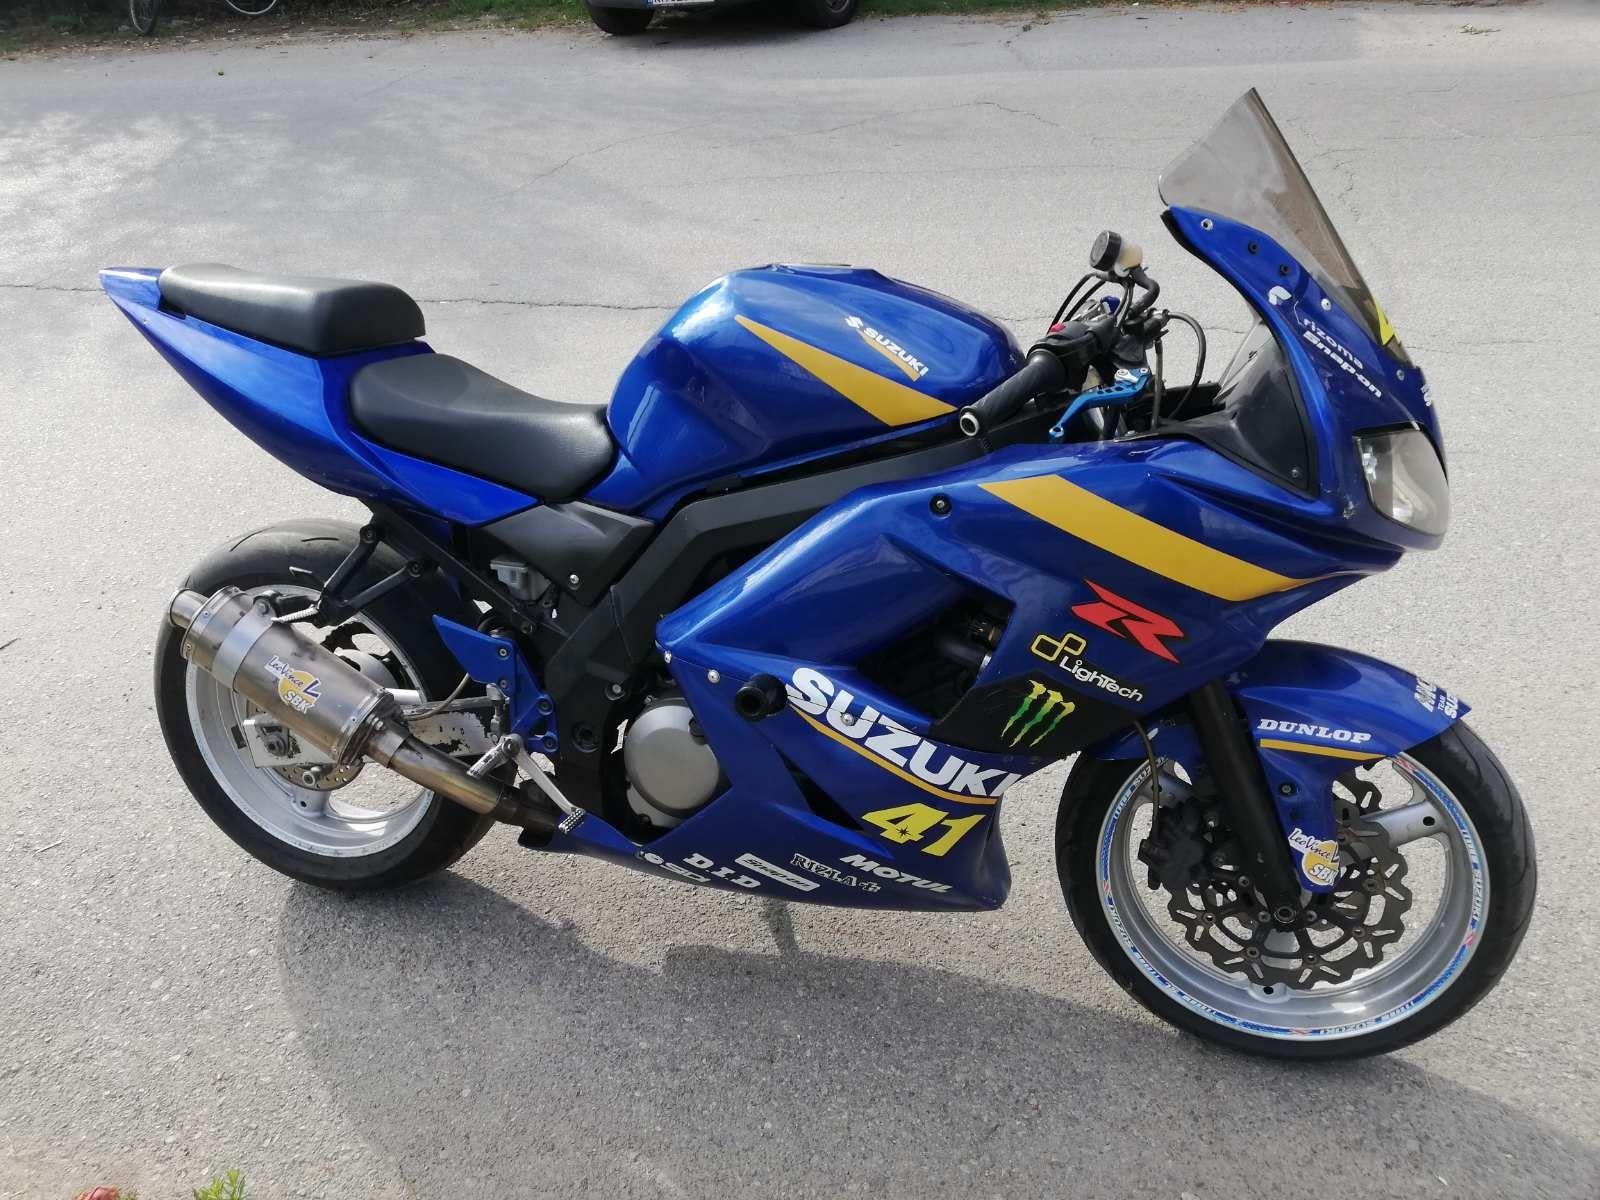 Сузуки СВ 650 2007г. Sv650S Мотоциклет НА ЧАСТИ